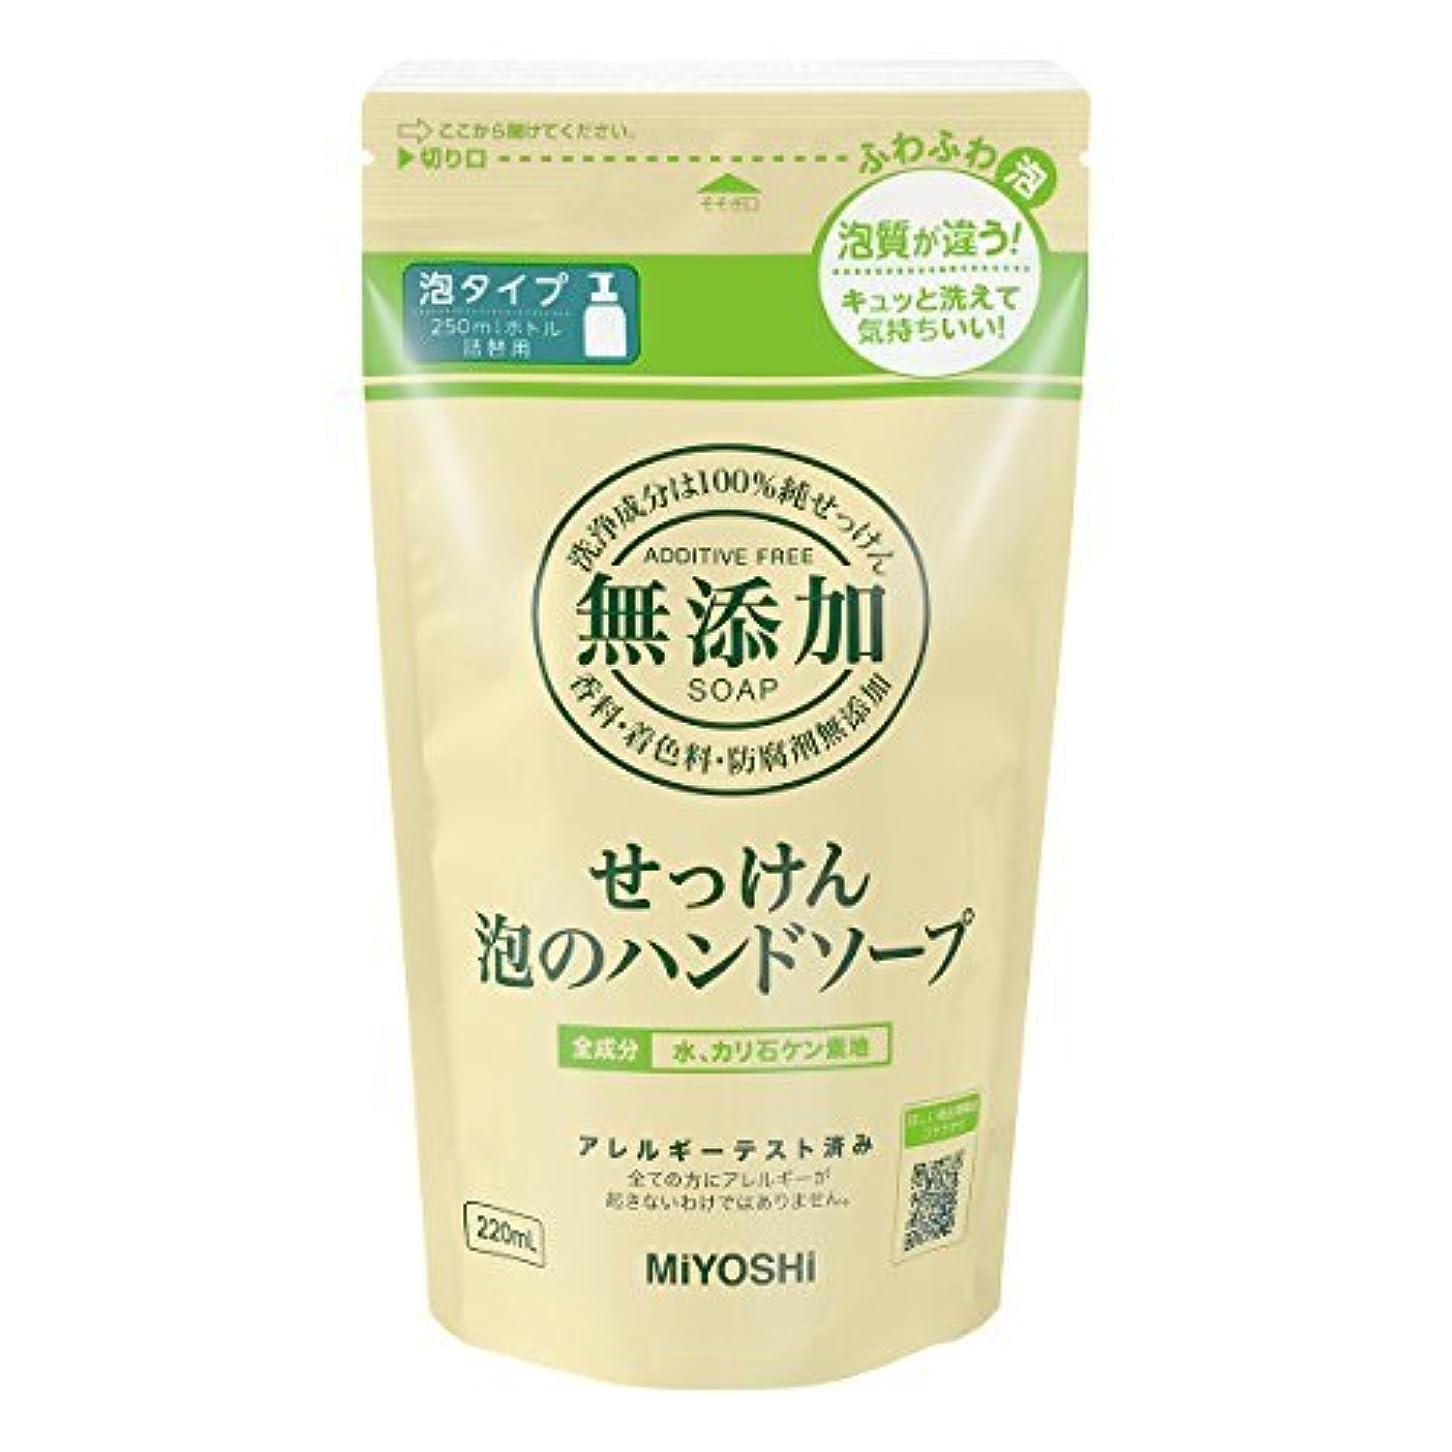 ミヨシ石鹸 無添加 せっけん 泡のハンドソープ つめかえ用 220ml×24個セット (無添加石鹸)